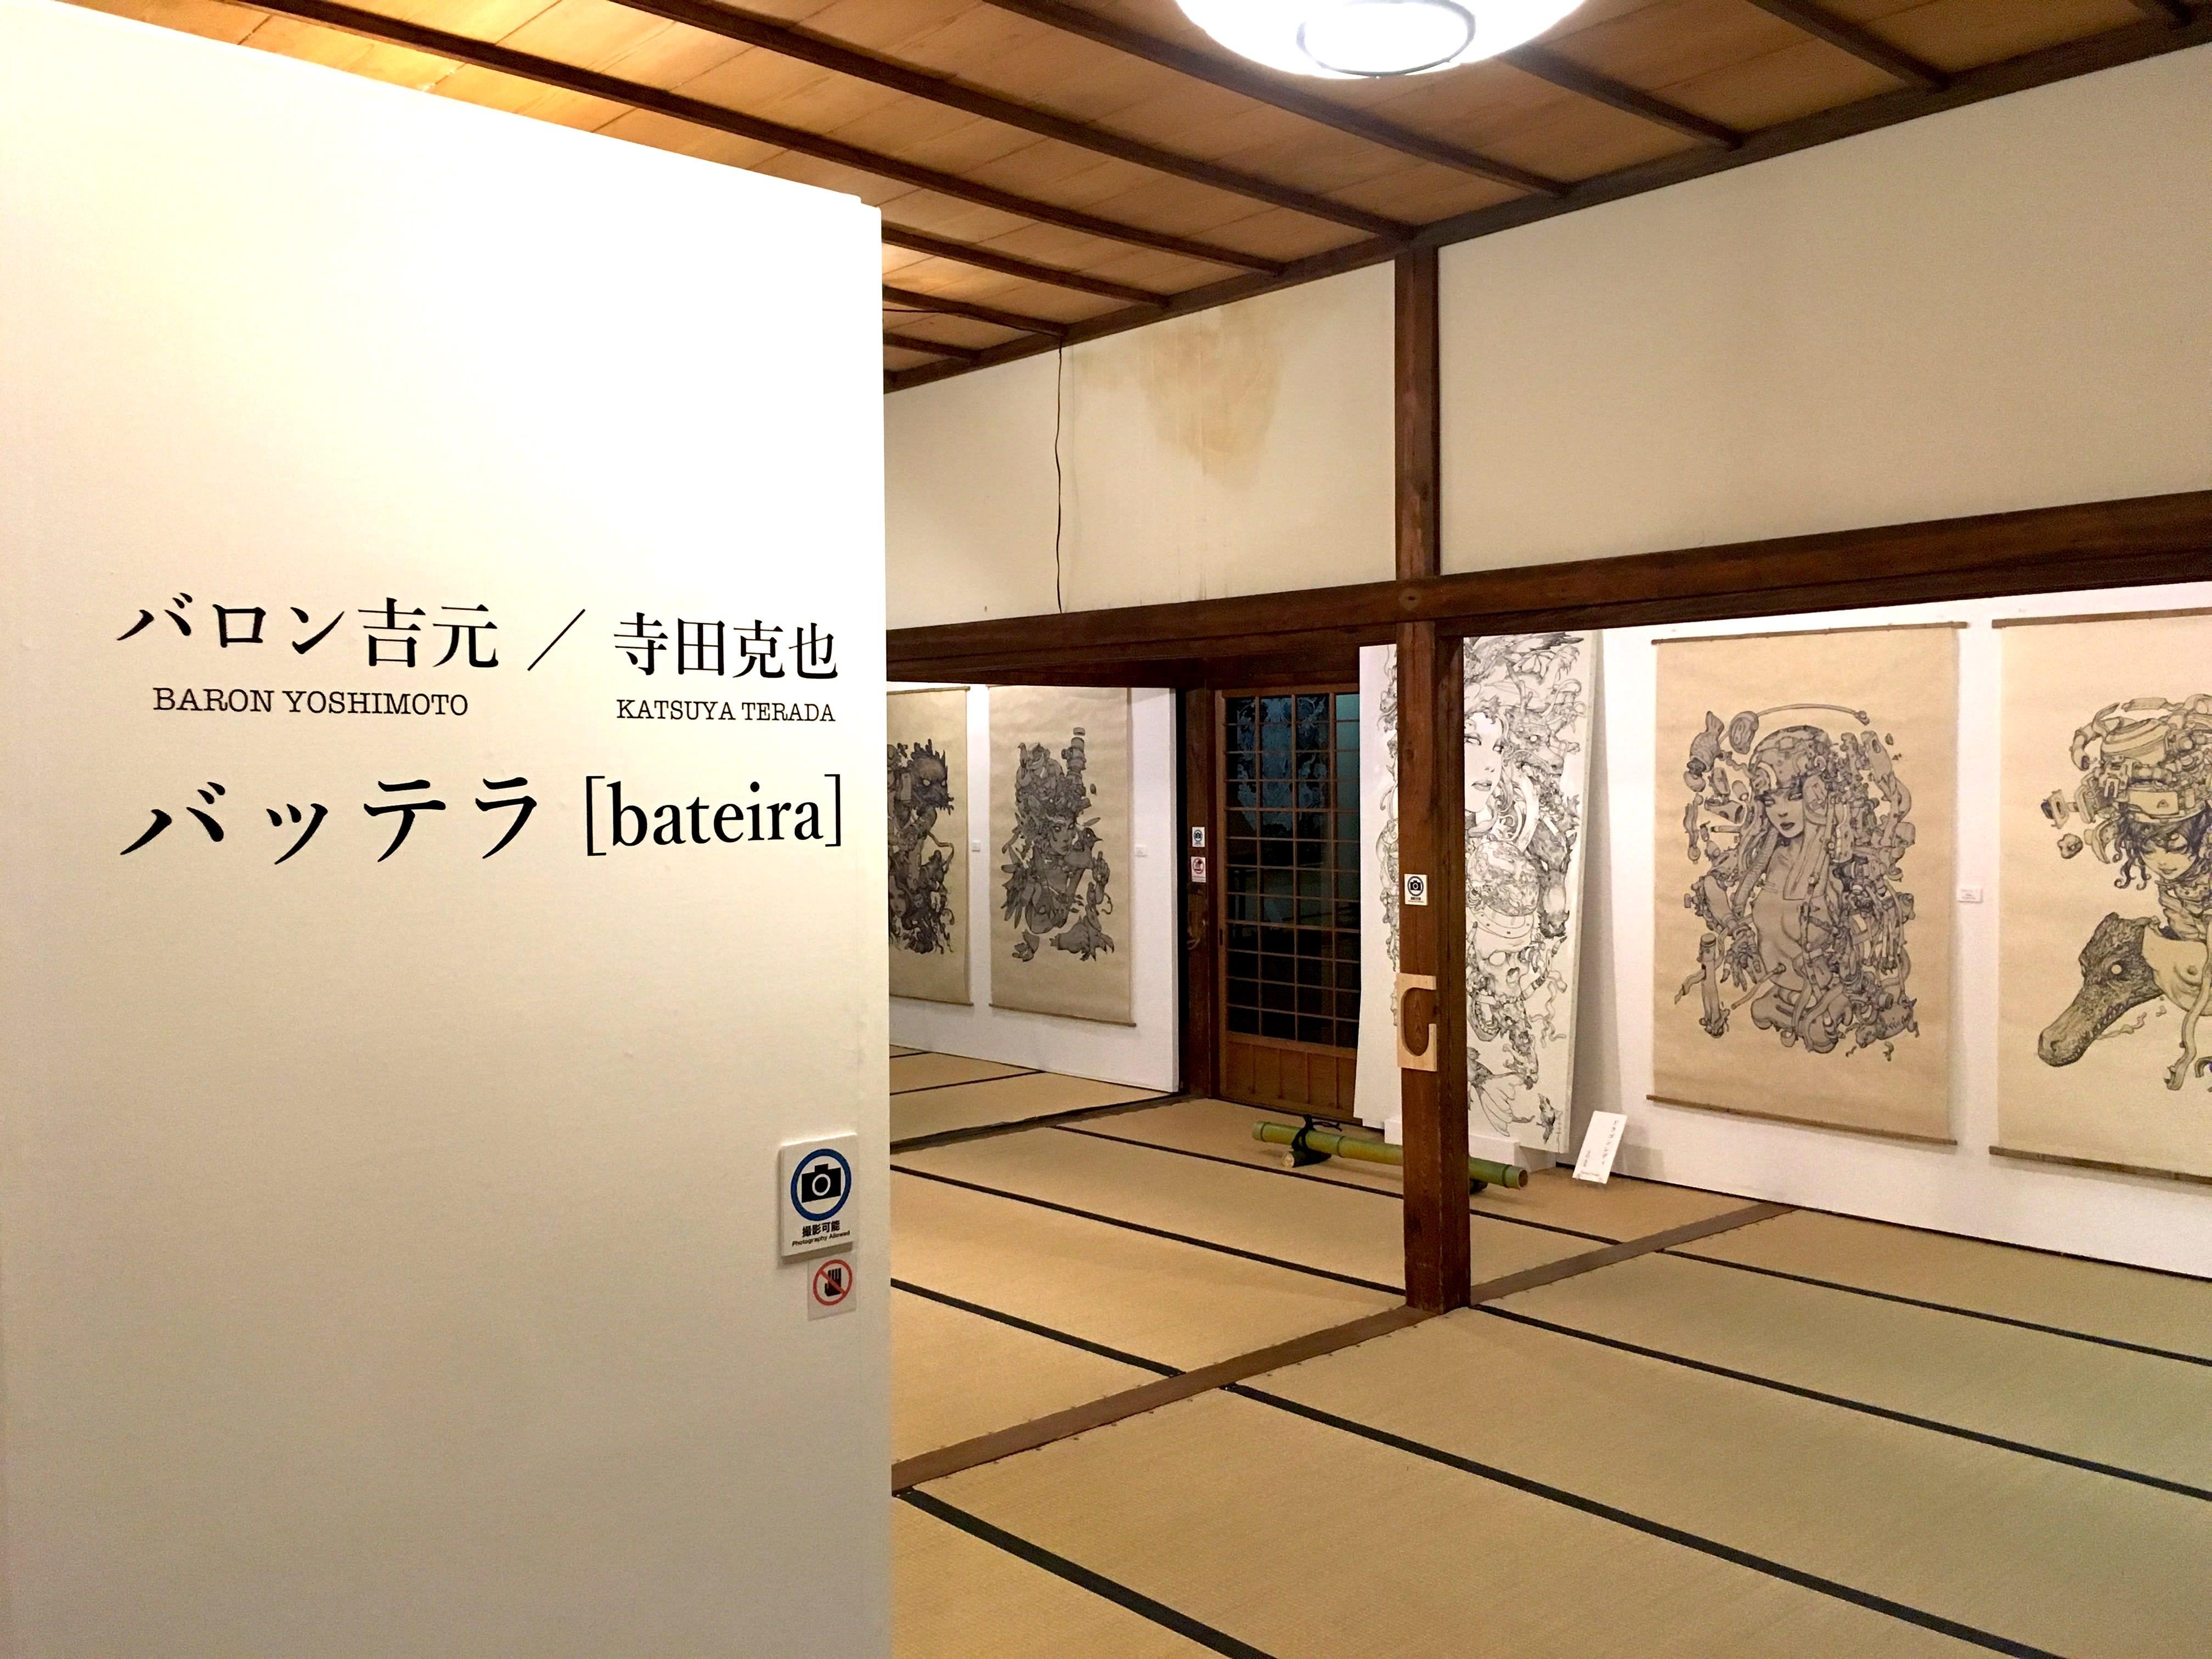 バロン吉元×寺田克也の「バッテラ展」が京都巡回中! 5月2日には東京銀座でスペシャルトークショーも!